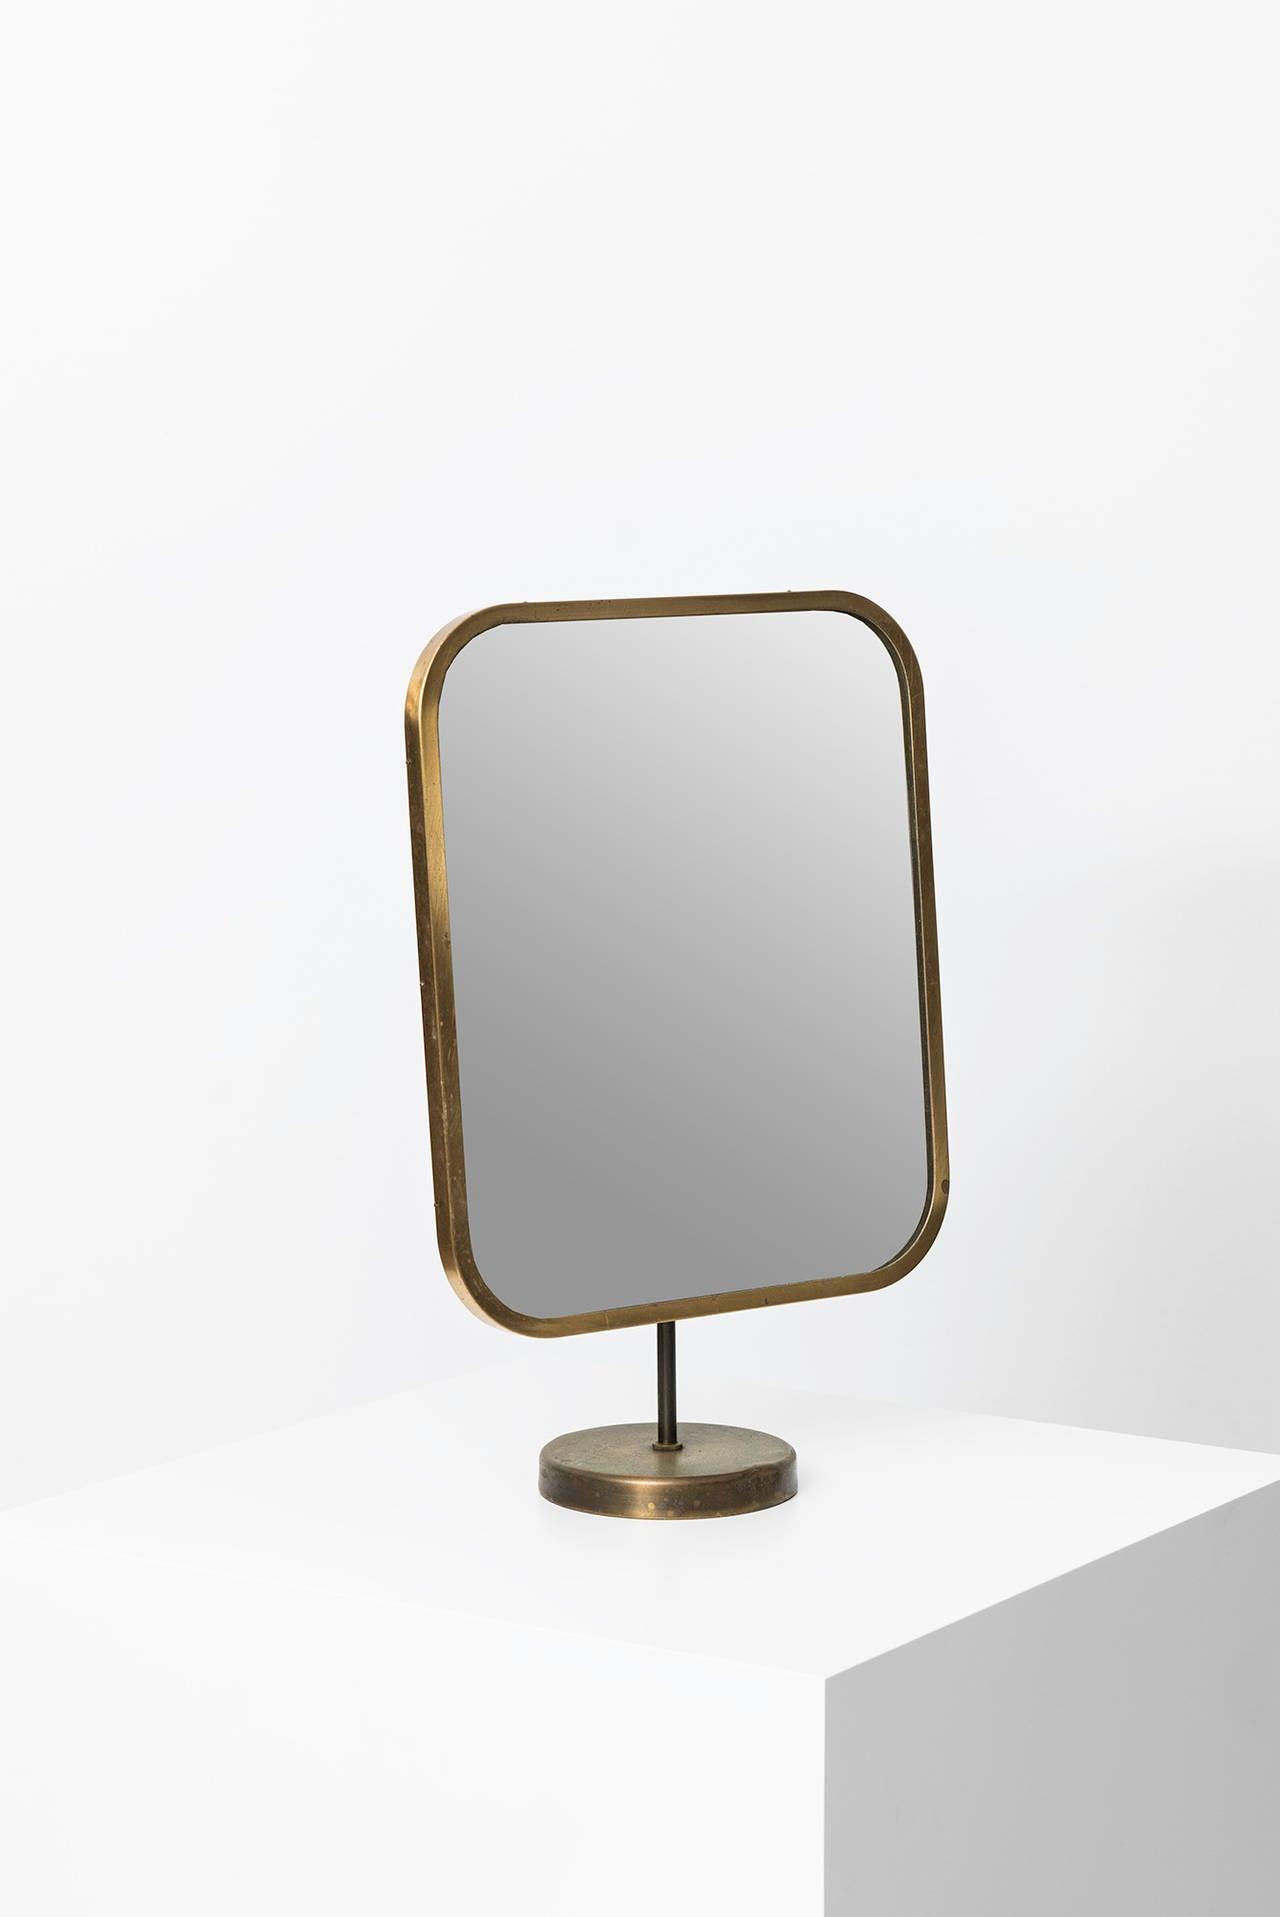 Swedish Josef Frank Table Mirror in Brass by Nordiska Kompaniet in Sweden For Sale